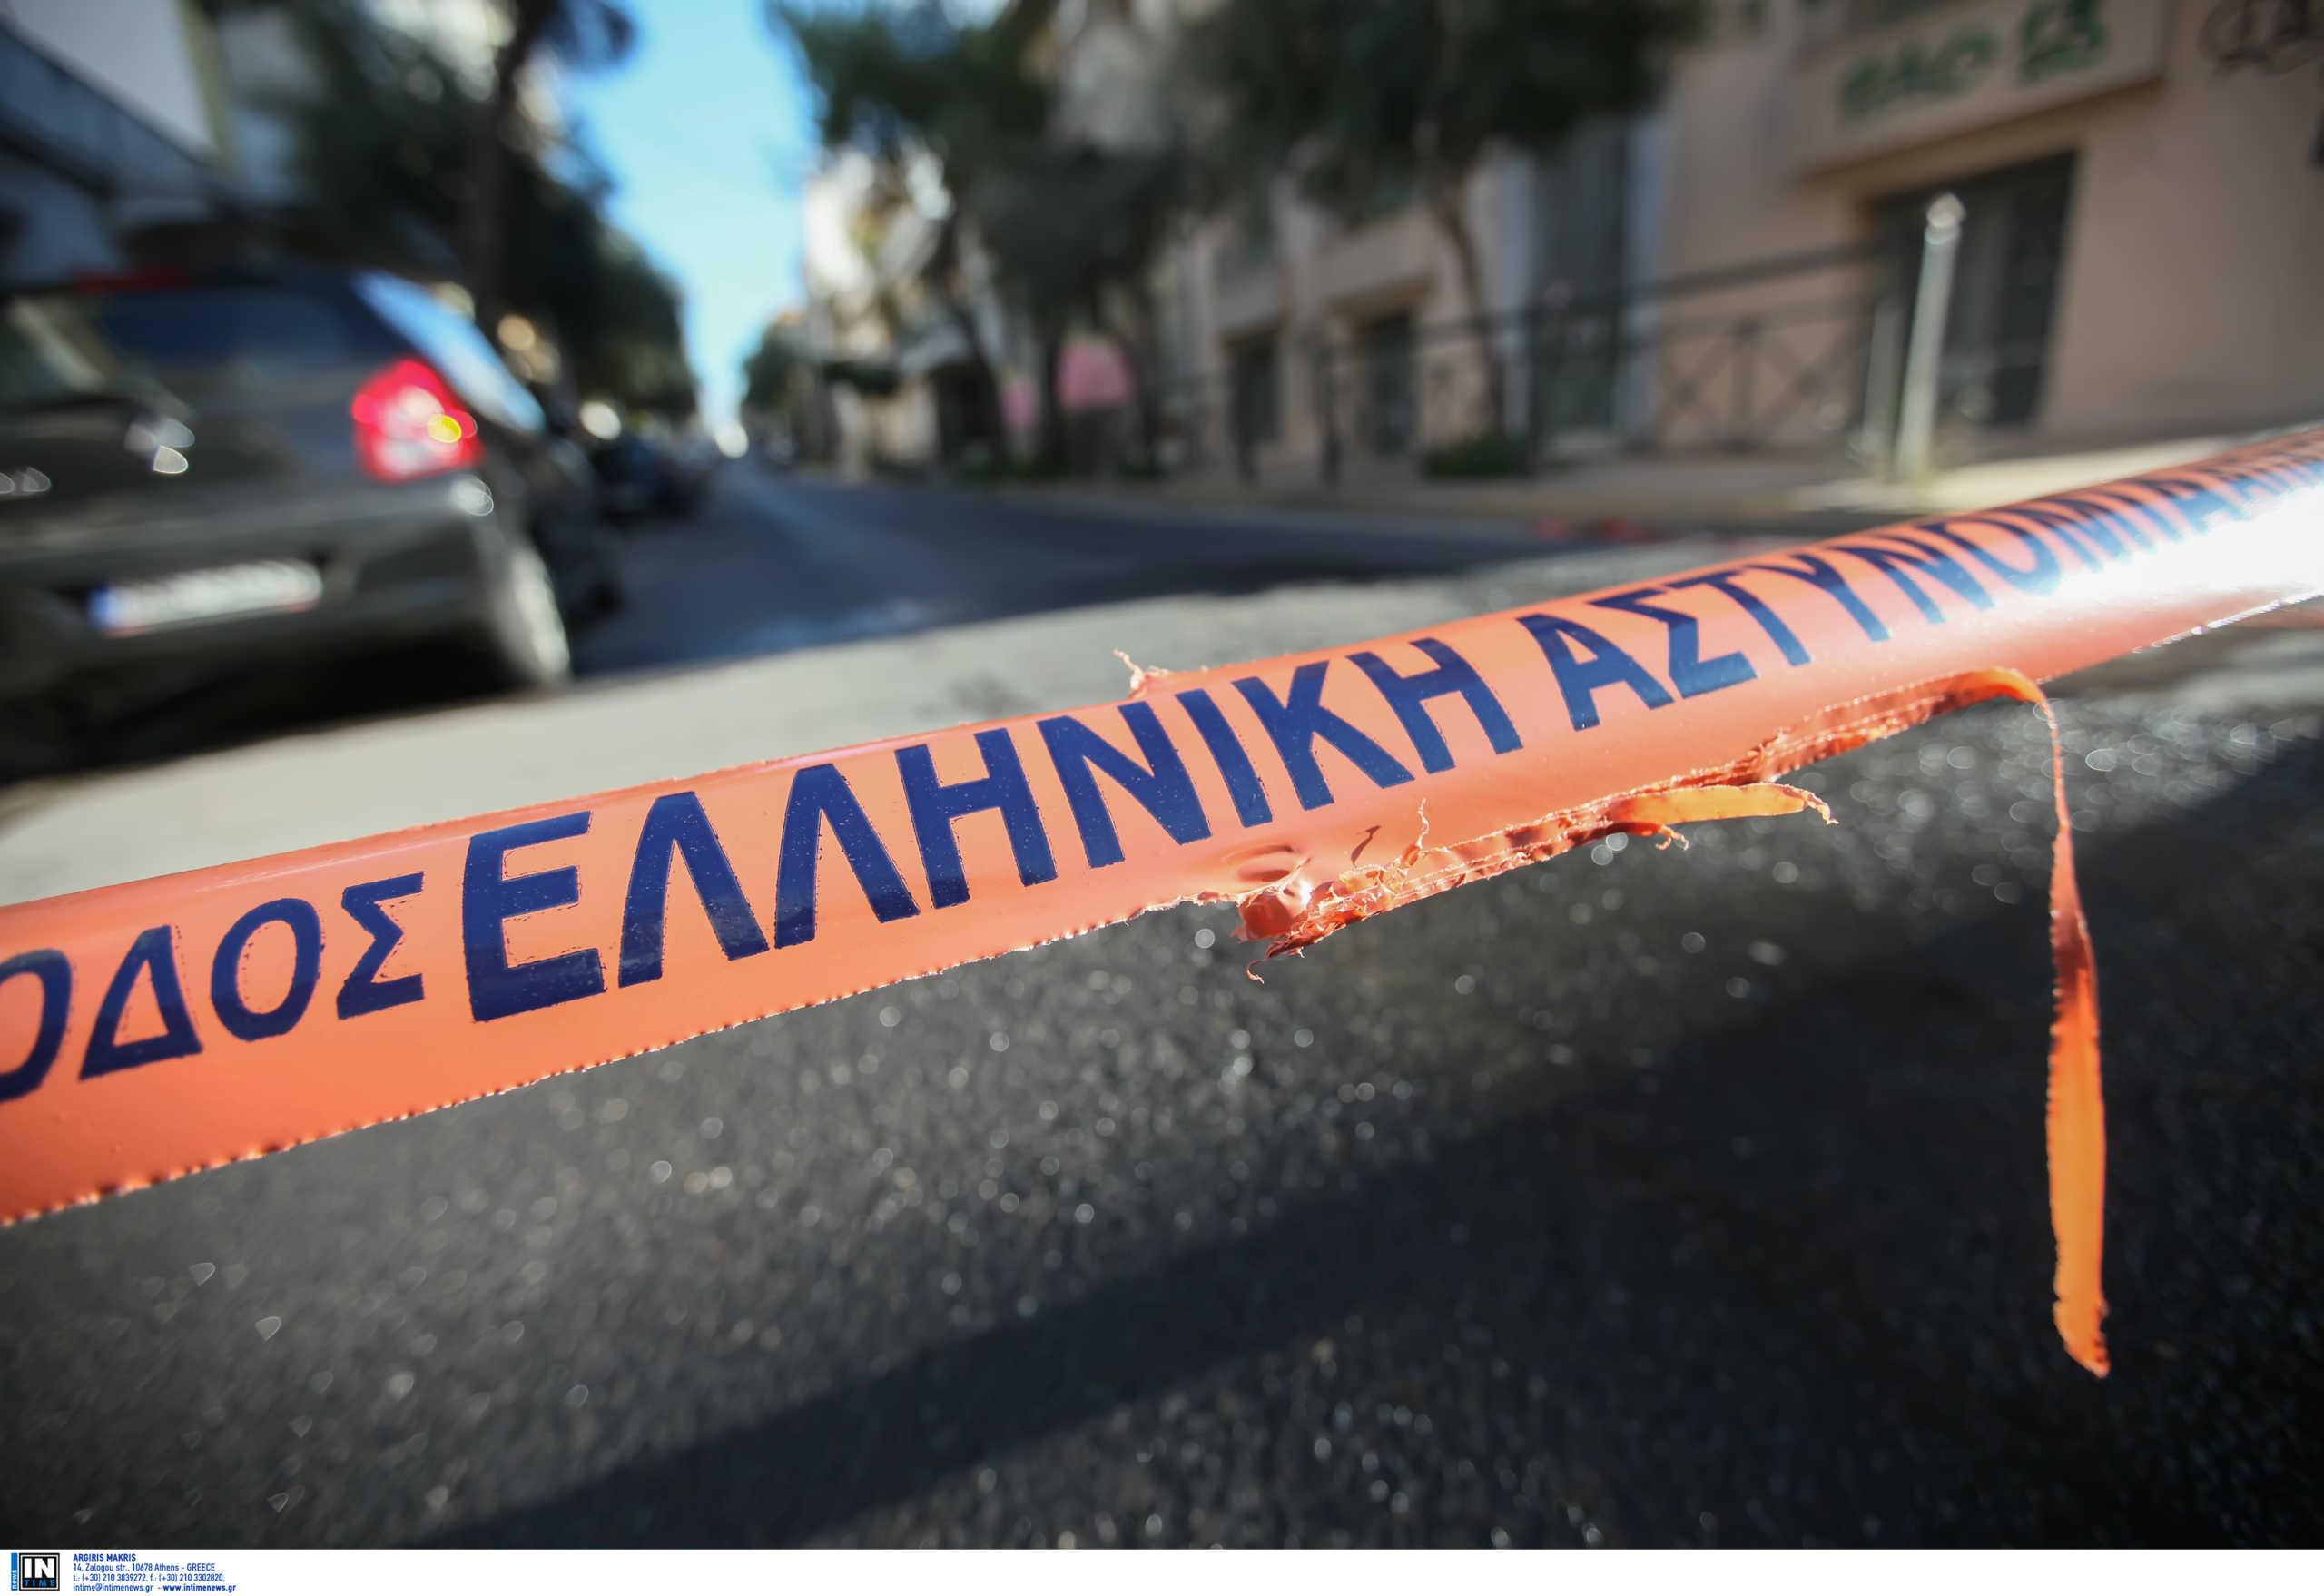 Κρήτη: Θρίλερ με νεκρή γυναίκα μέσα στο σπίτι της – Φόβοι και ενδείξεις για ληστεία μετά φόνου